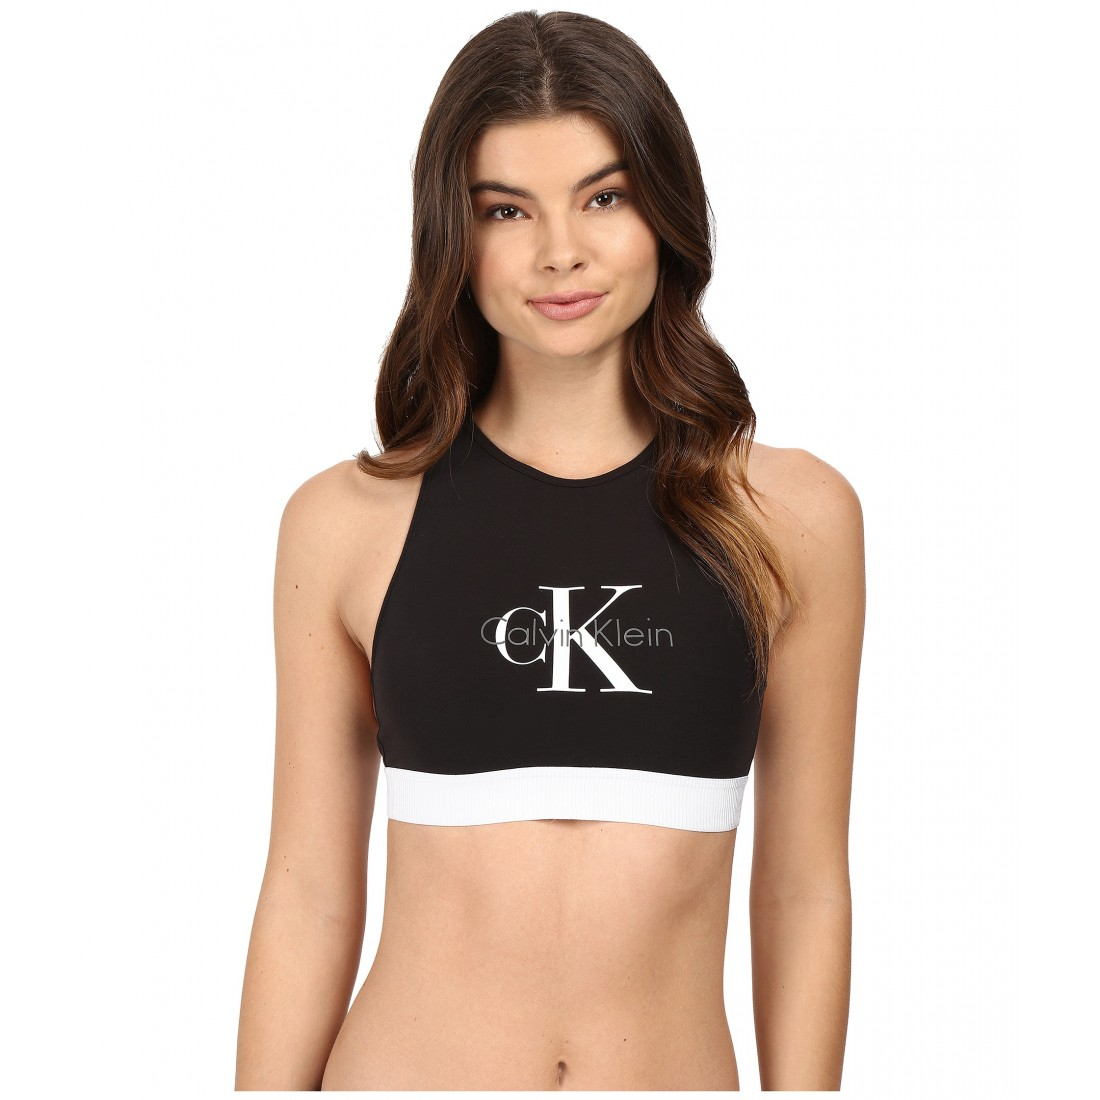 a6ee40a997602 Calvin Klein Underwear Retro Unlined Hi-Neck Bralette ZPSKU 8788793 Black